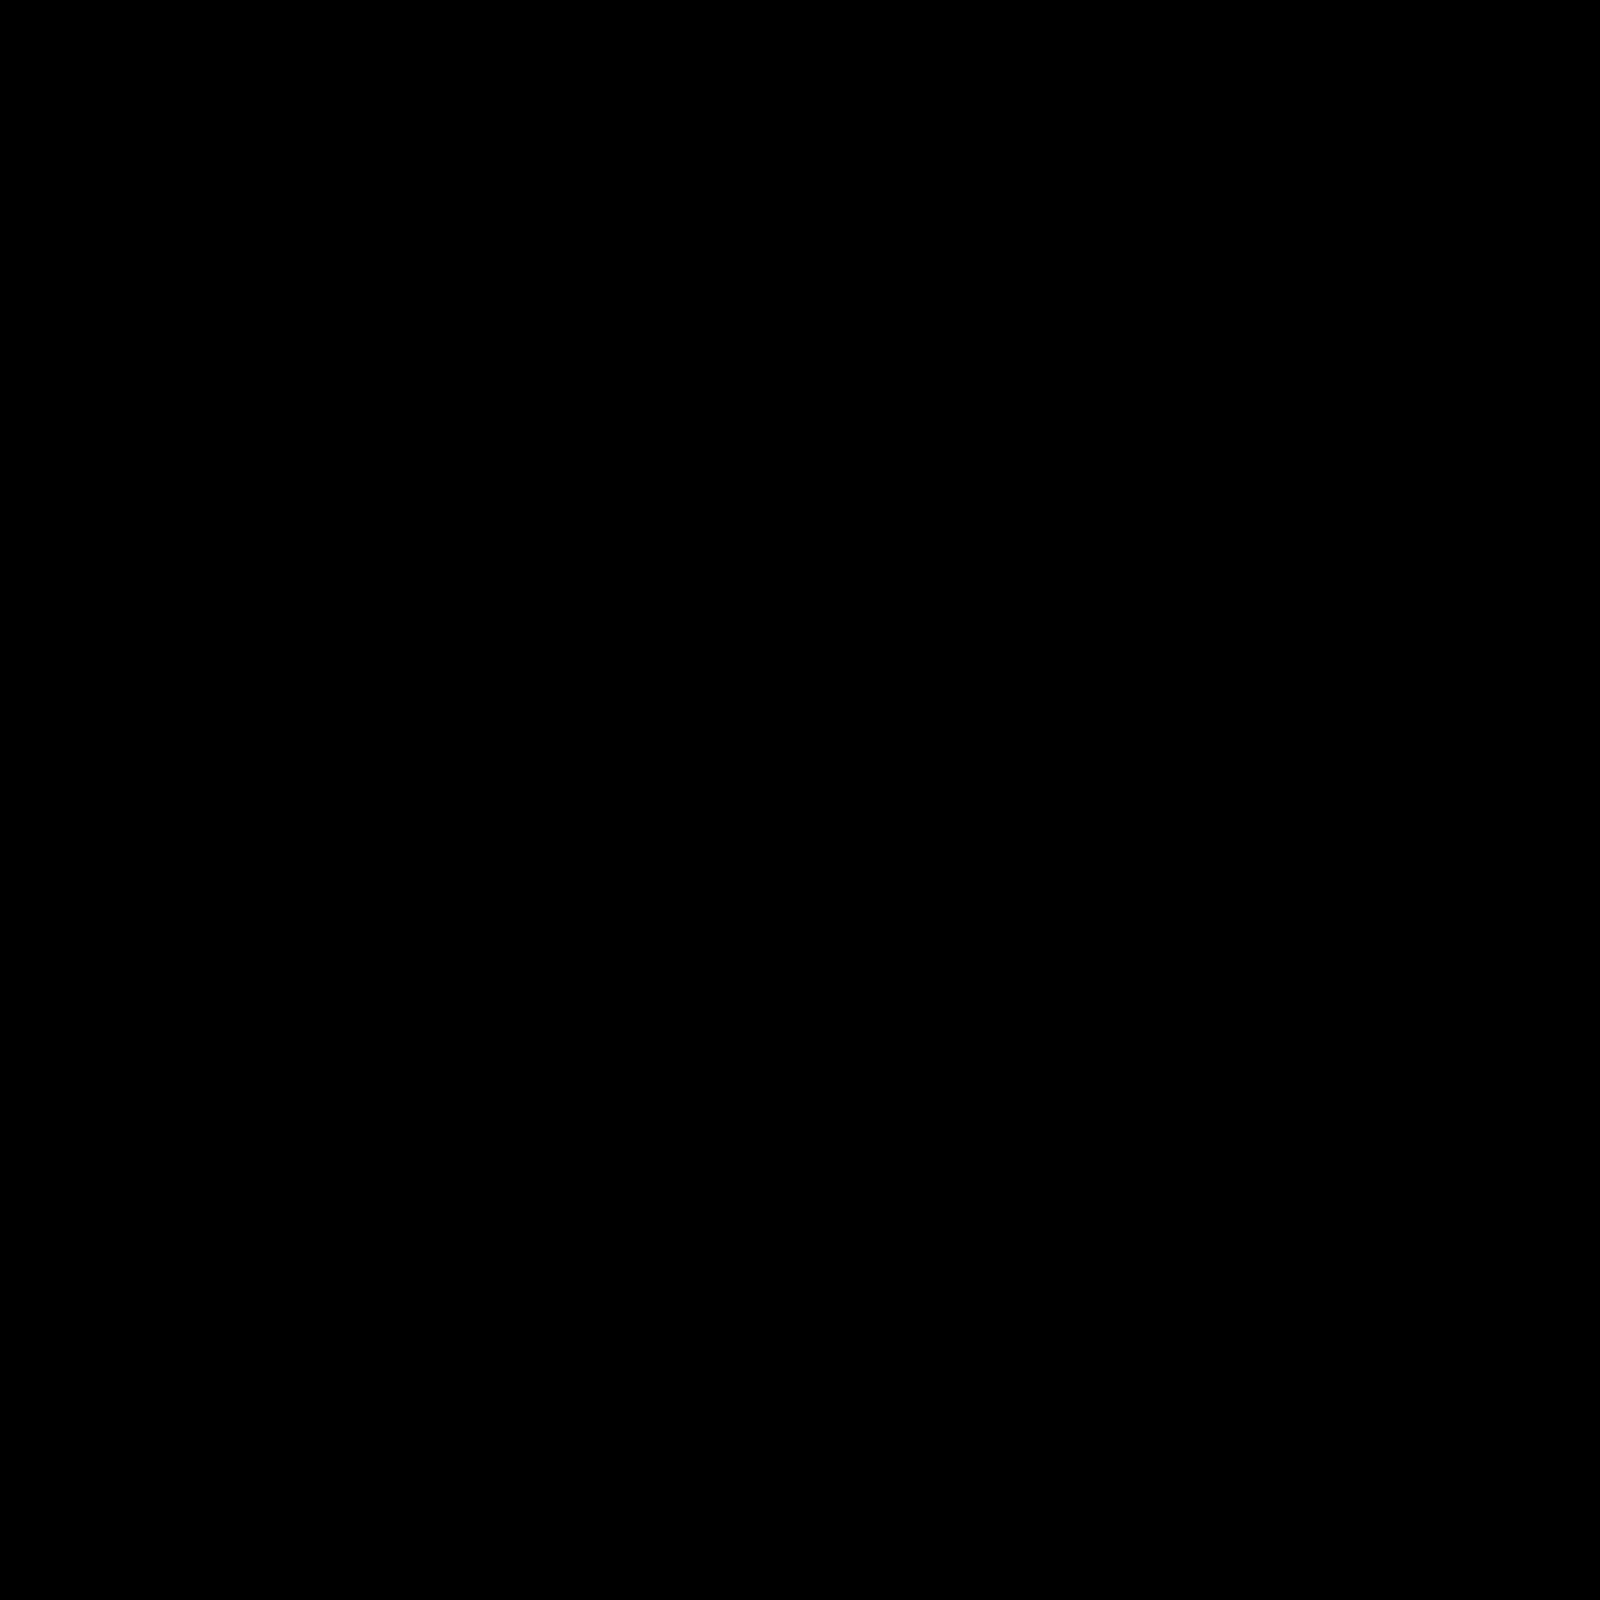 Open Folder in New Tab icon